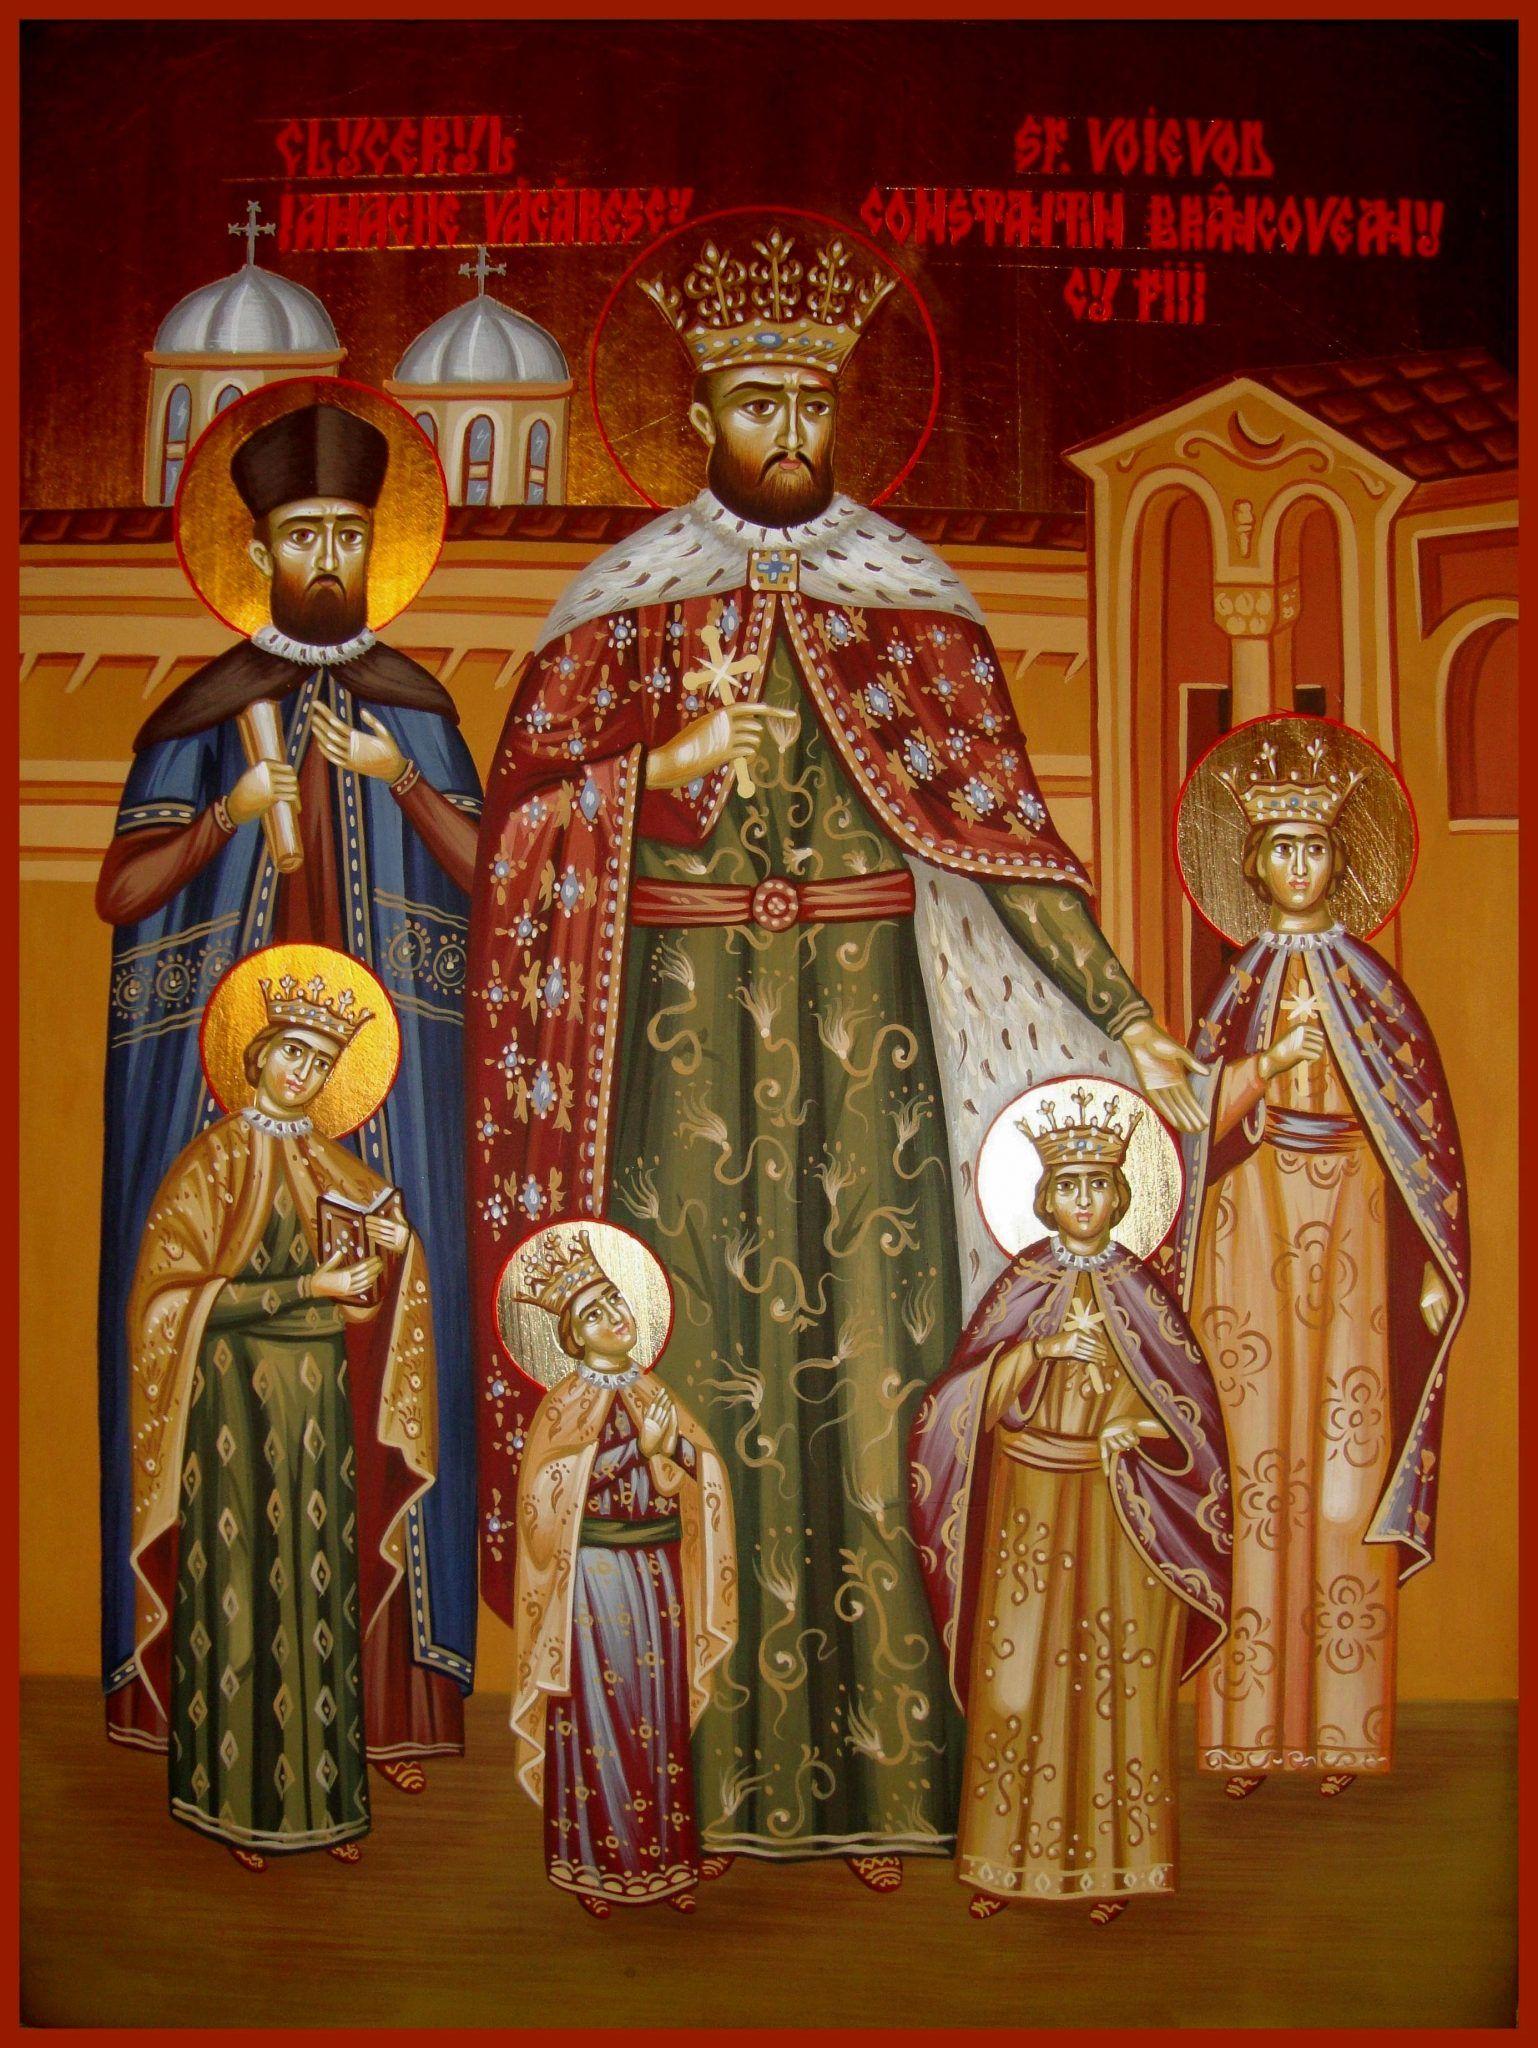 Zi de mare sărbătoare și comemorare astăzi! Sf. Martiri Brâncoveni: Constantin Vodă cu cei patru fii ai săi, Constantin, Ştefan, Radu, Matei, şi sfetnicul Ianache